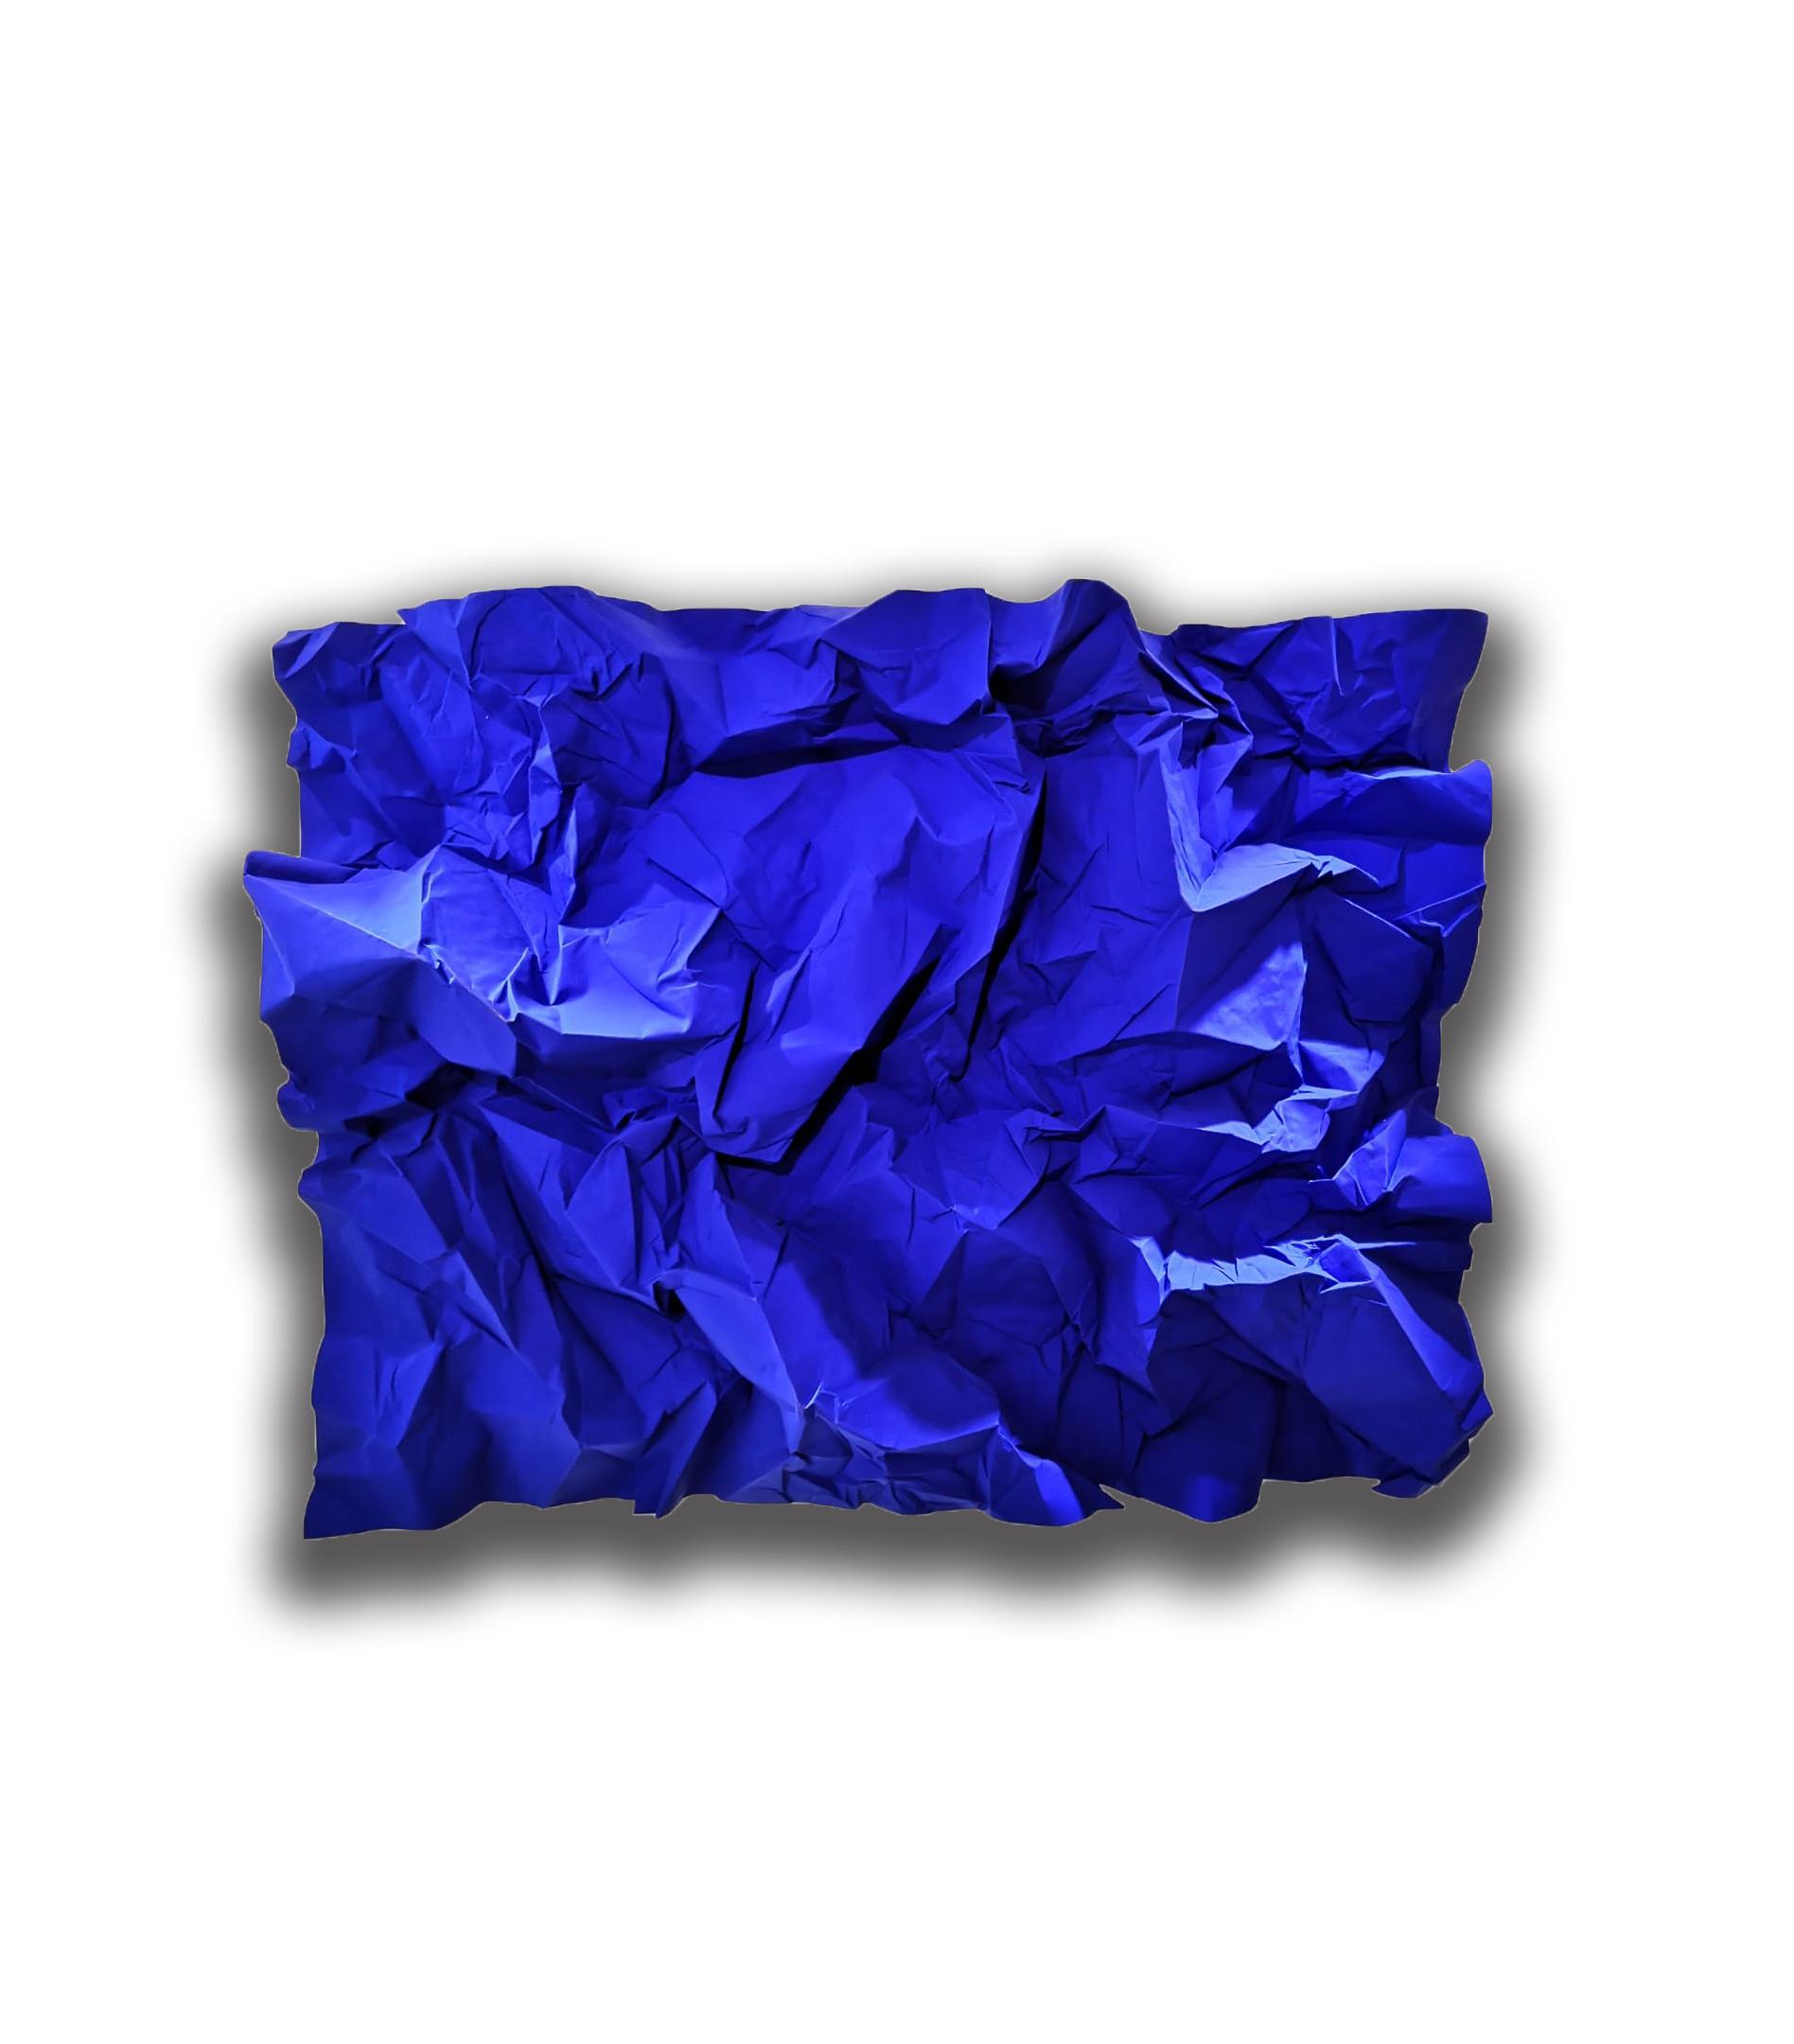 Monade Bleue